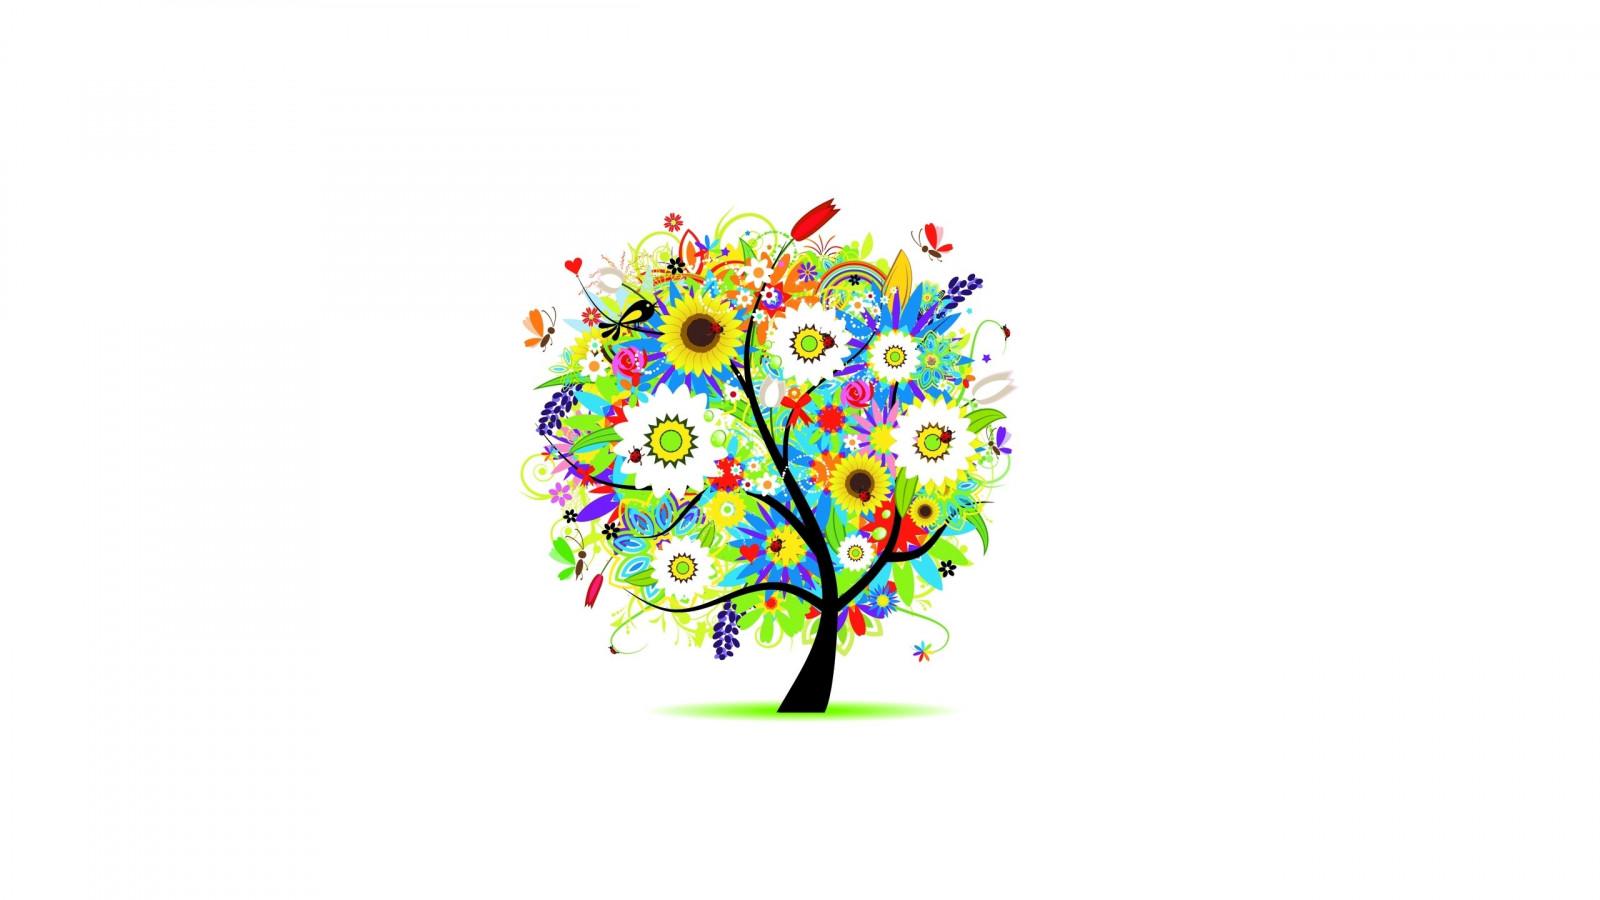 Fond d'écran : des arbres, fleurs, Coloré, dessin 2560x1440 - 4kWallpaper - 648708 - Fond d ...